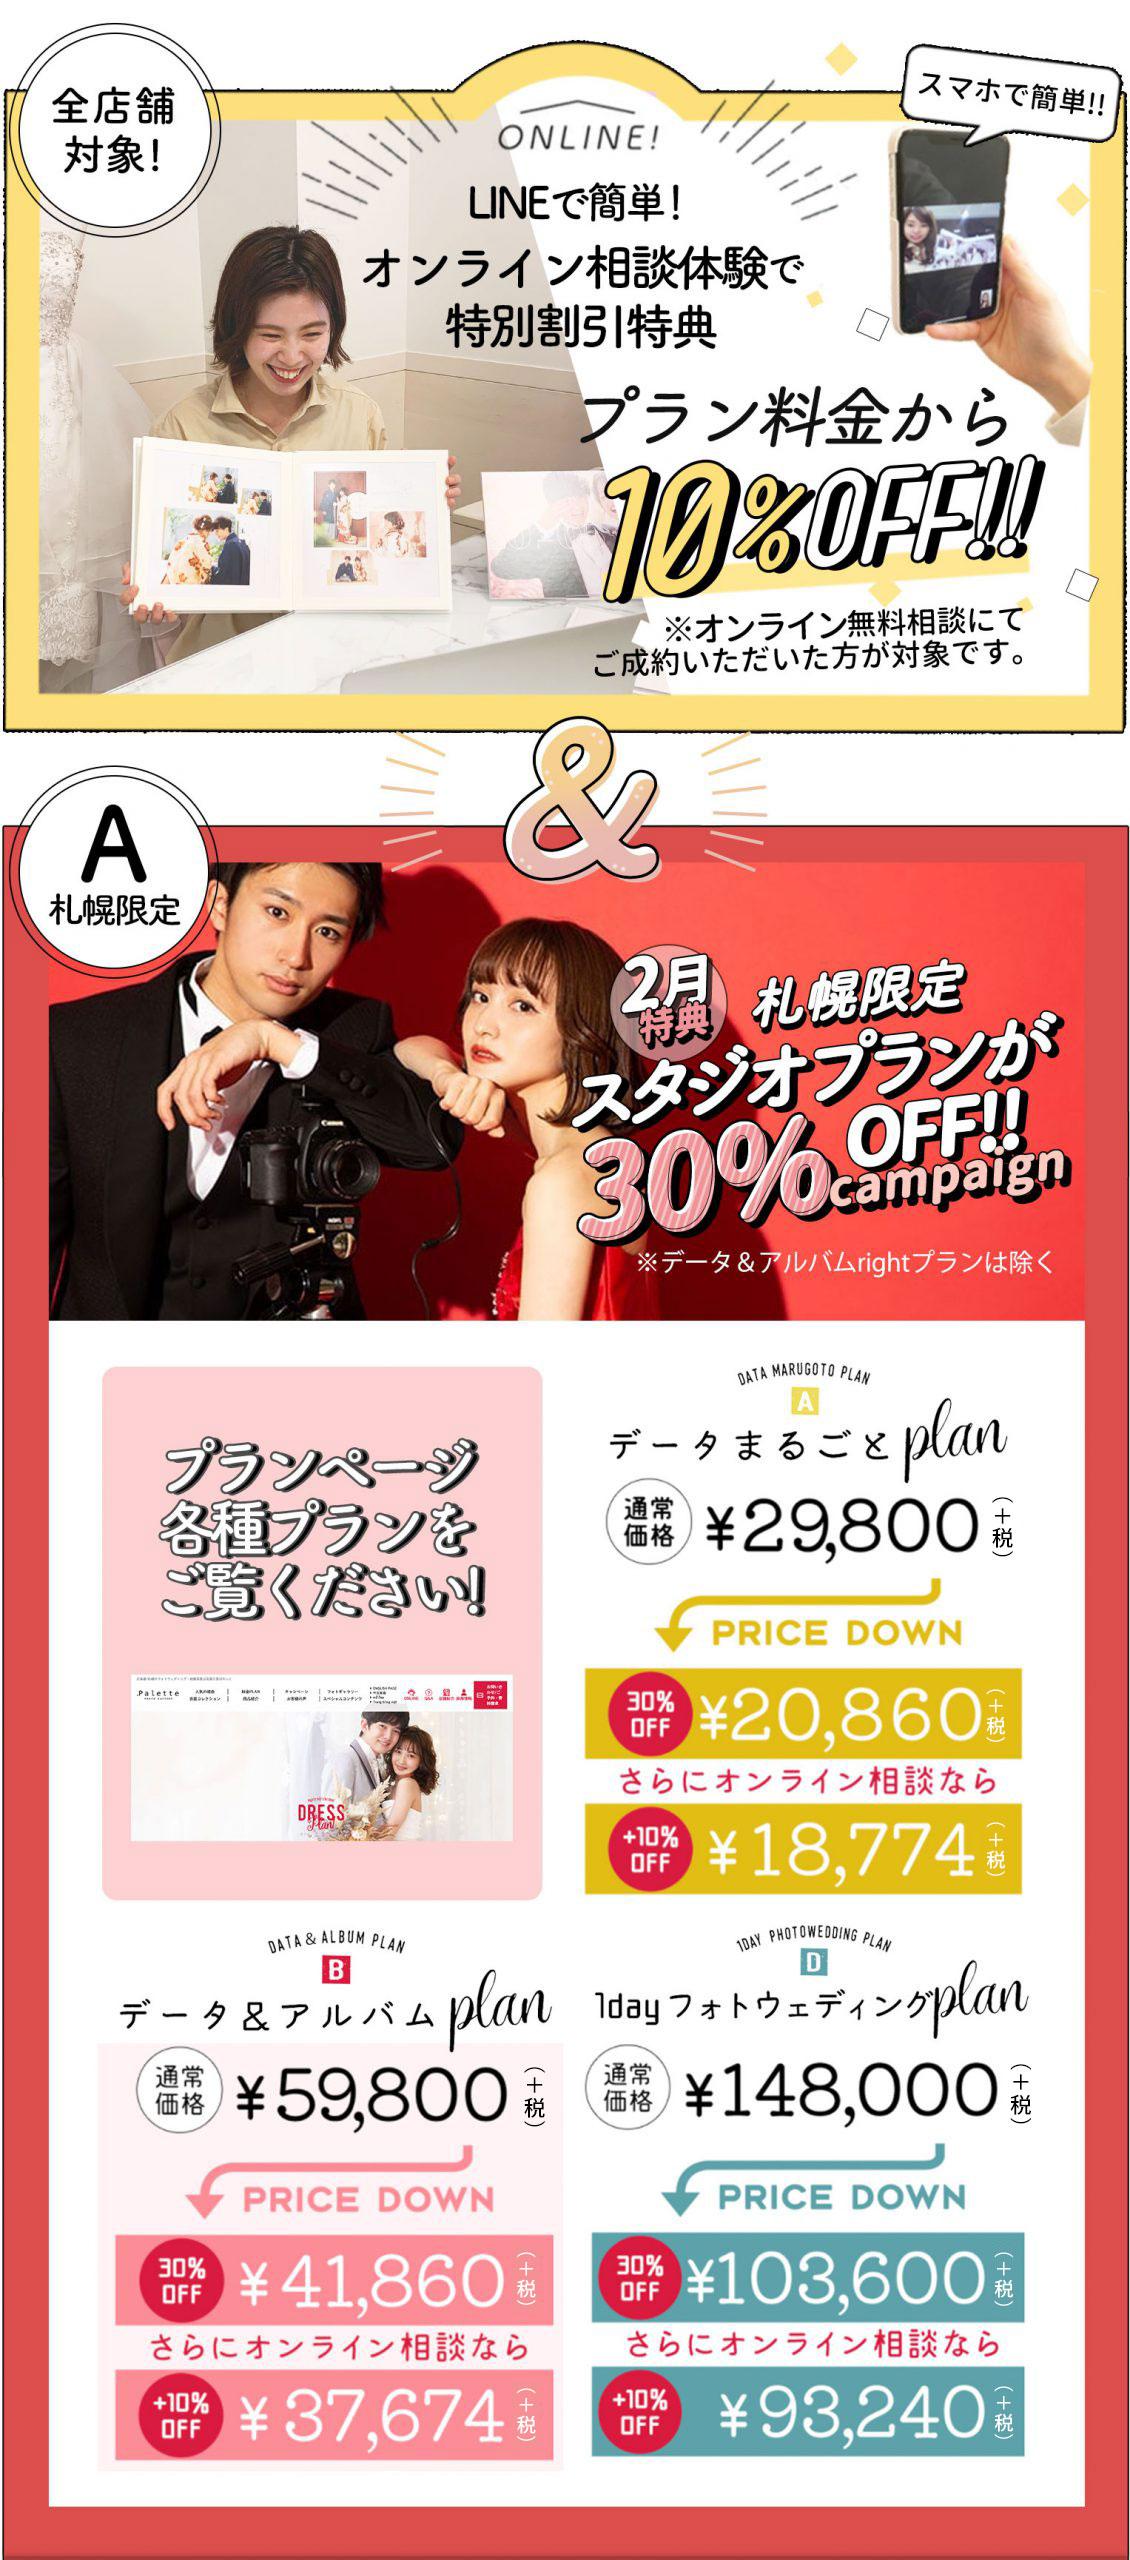 令和3年2月ぱれっと婚礼キャンペーン